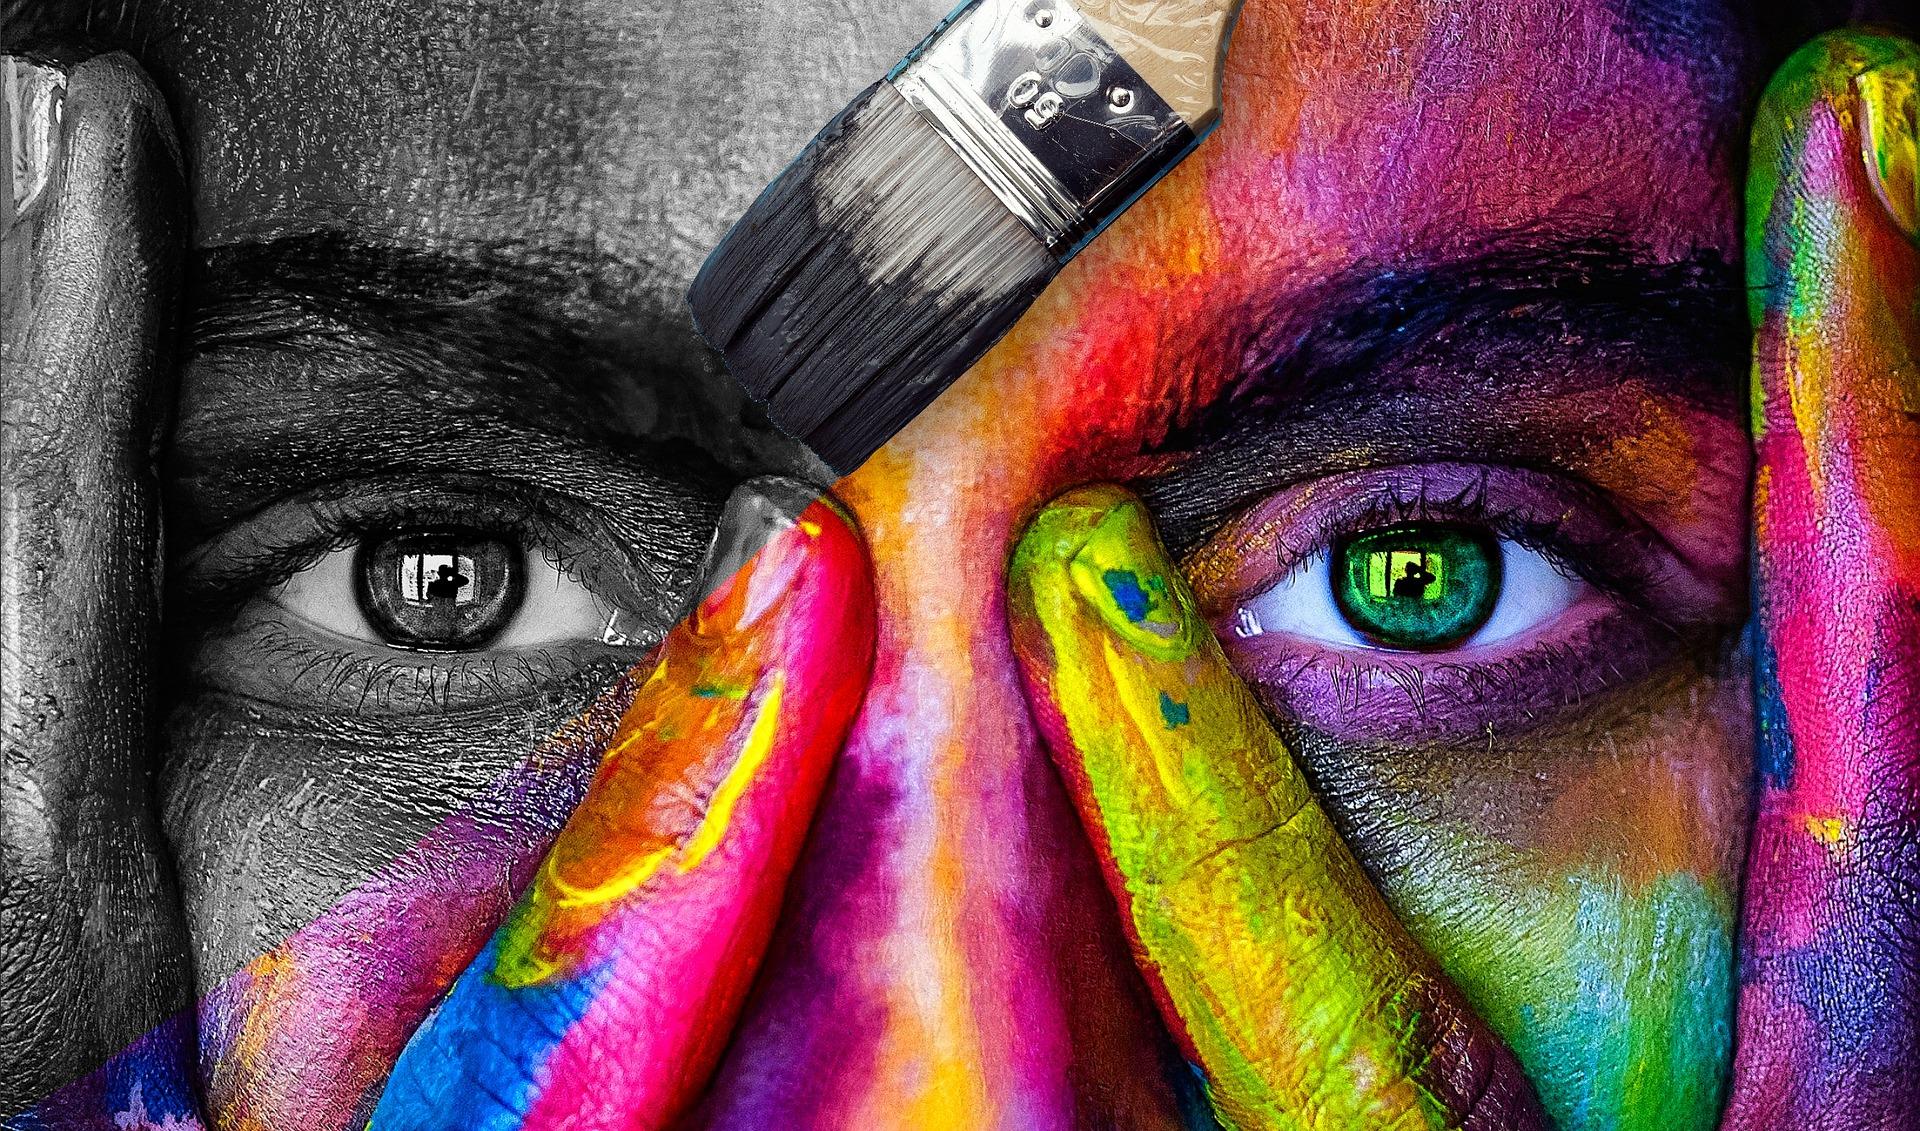 Olhos de cores diferentes e mechas brancas: pode ser síndrome de Waardenburg